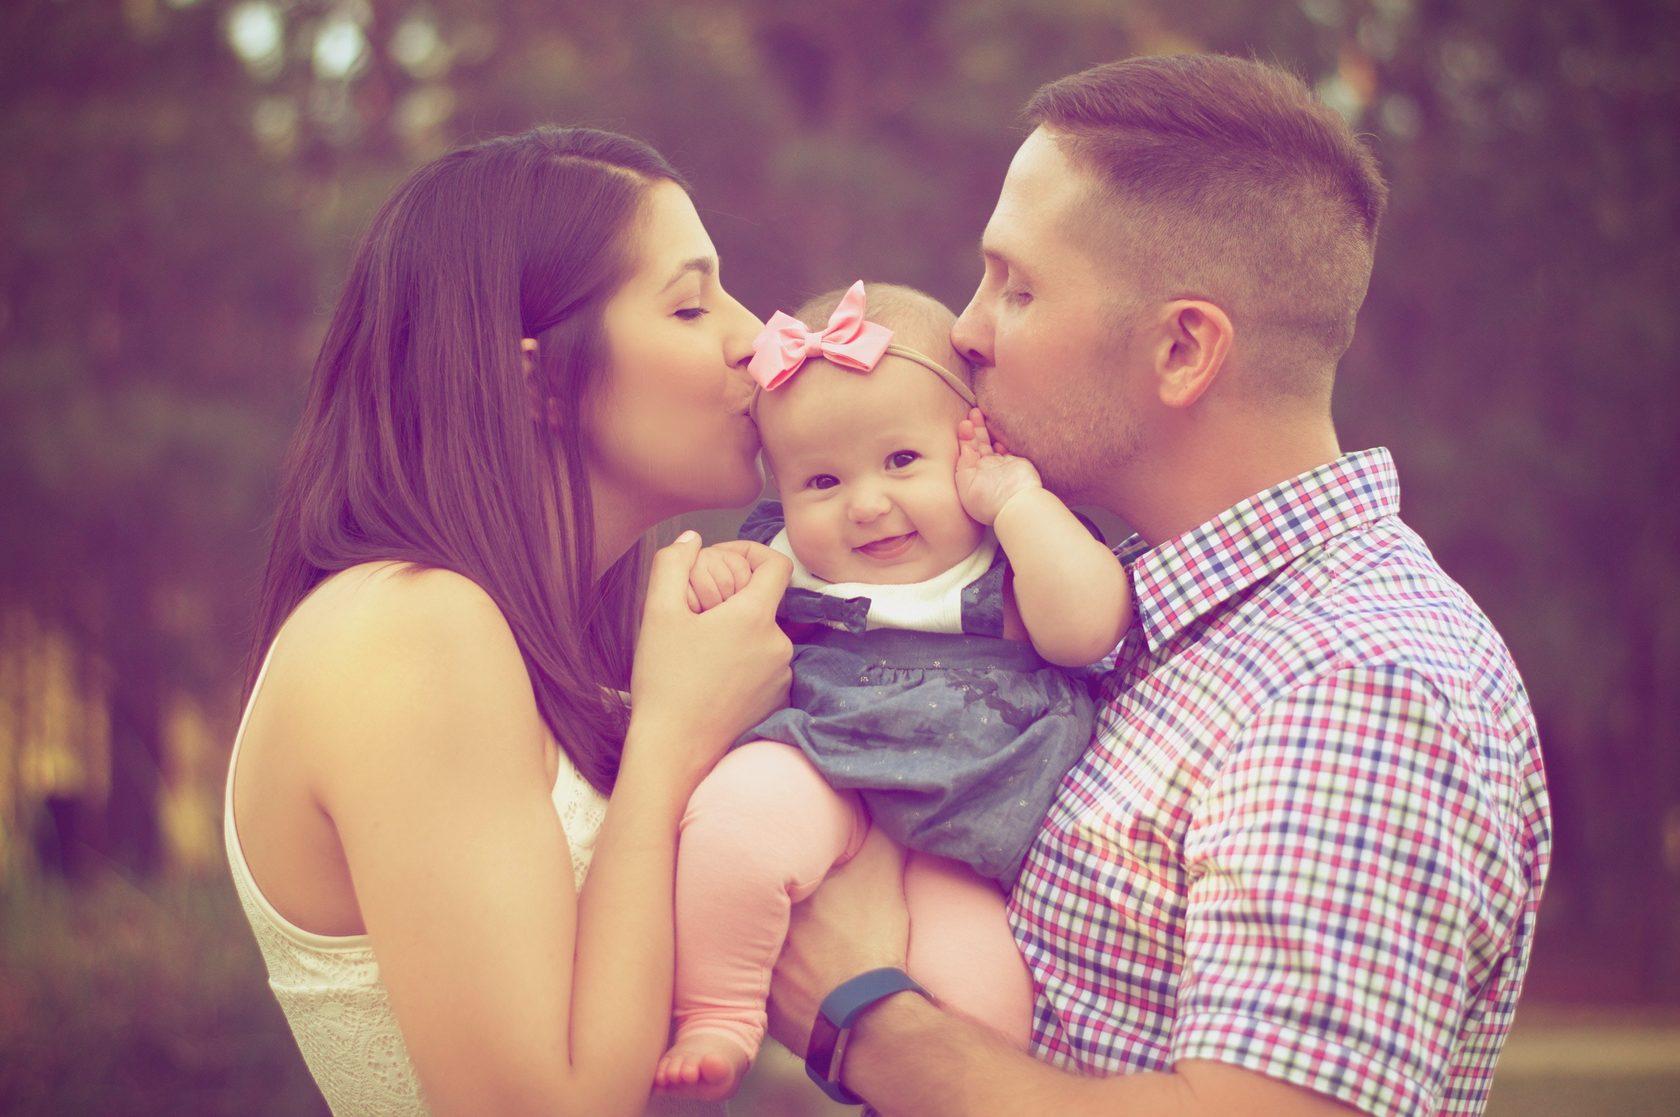 корректирует картинки про любимого мужа и счастливую семью тамошней жизни